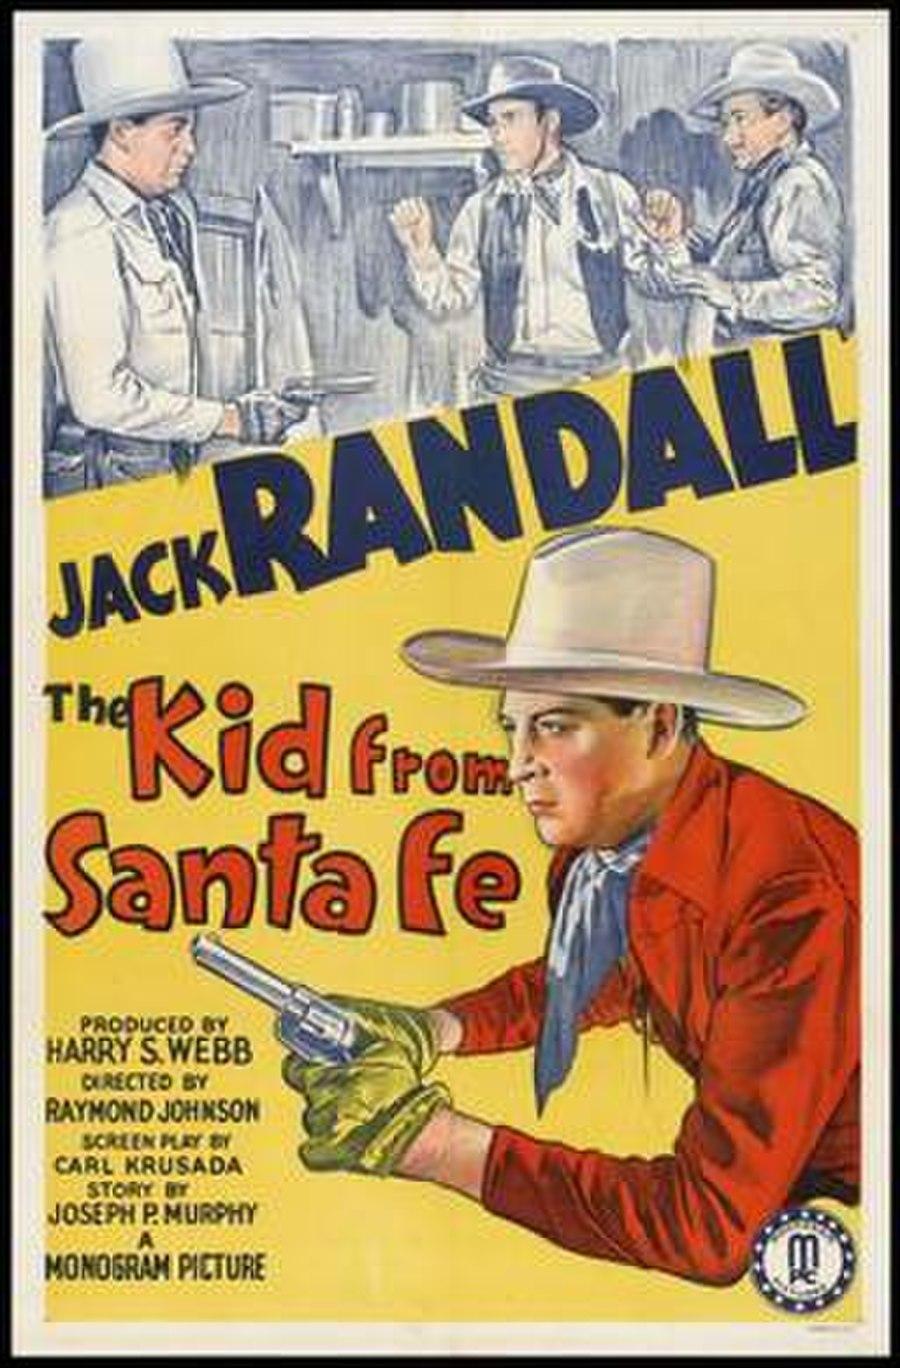 The Kid from Santa Fe